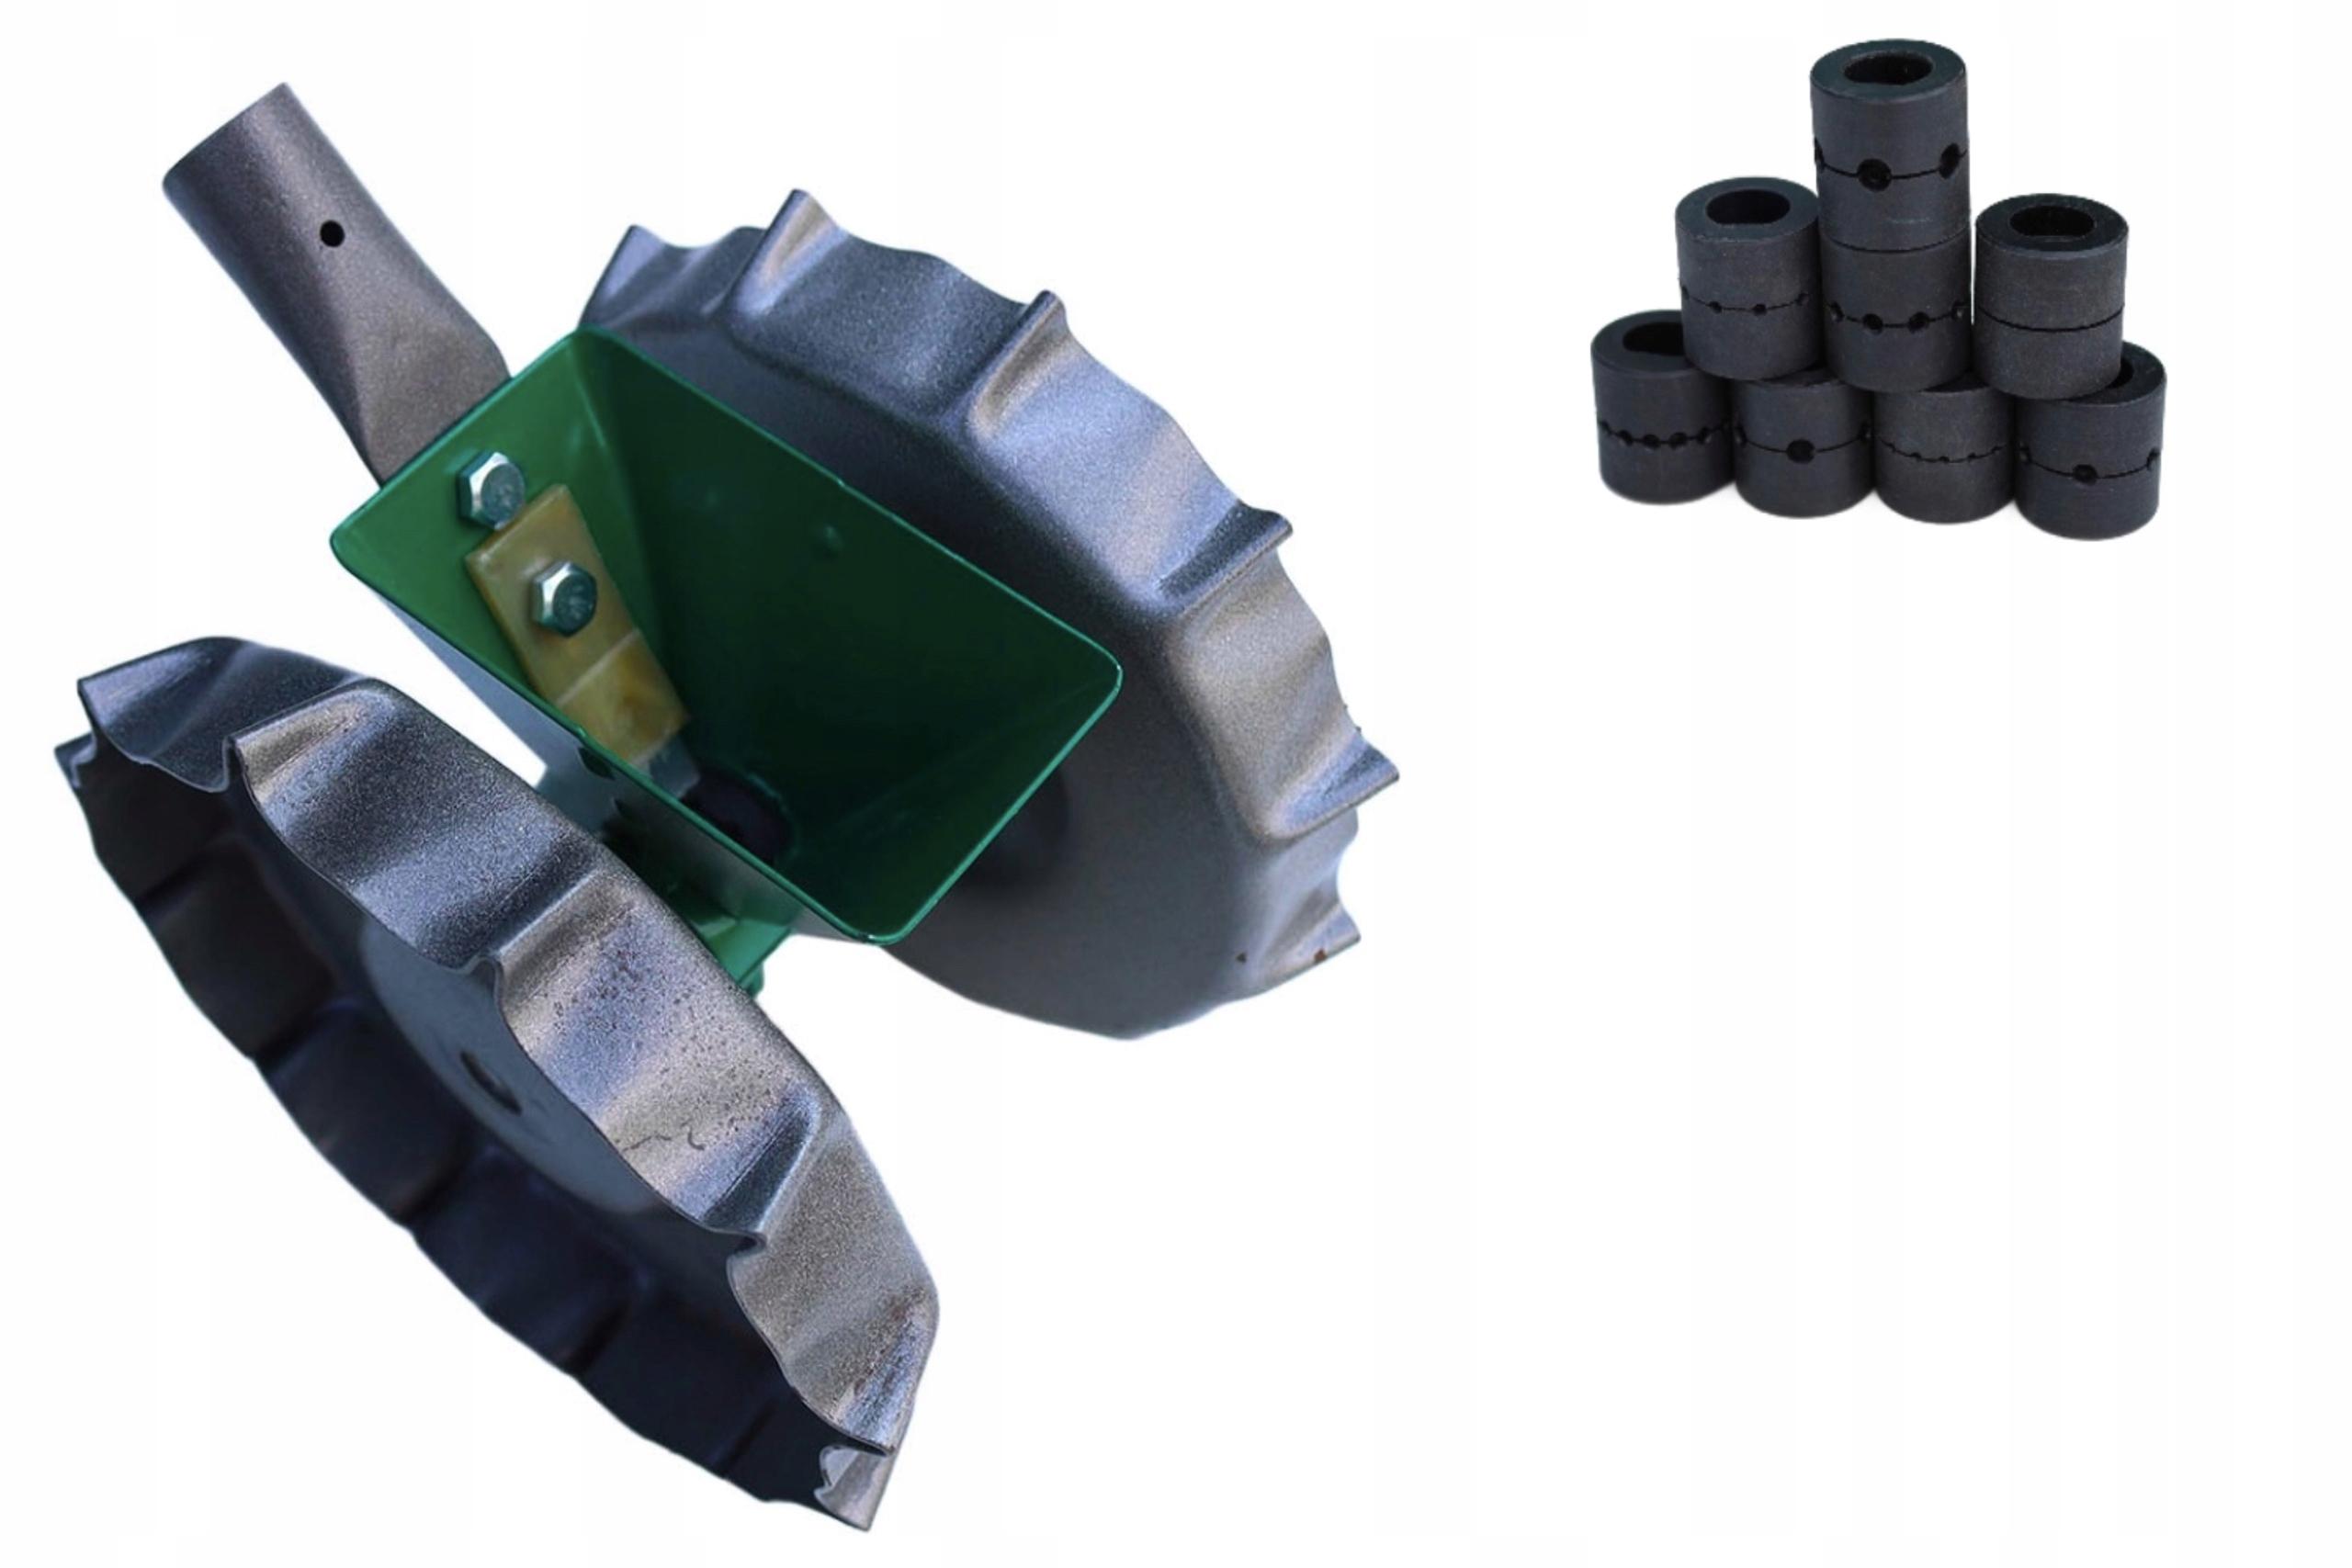 Ręczny siewnik SMK-1 wraz z kompletem 9 bębenków